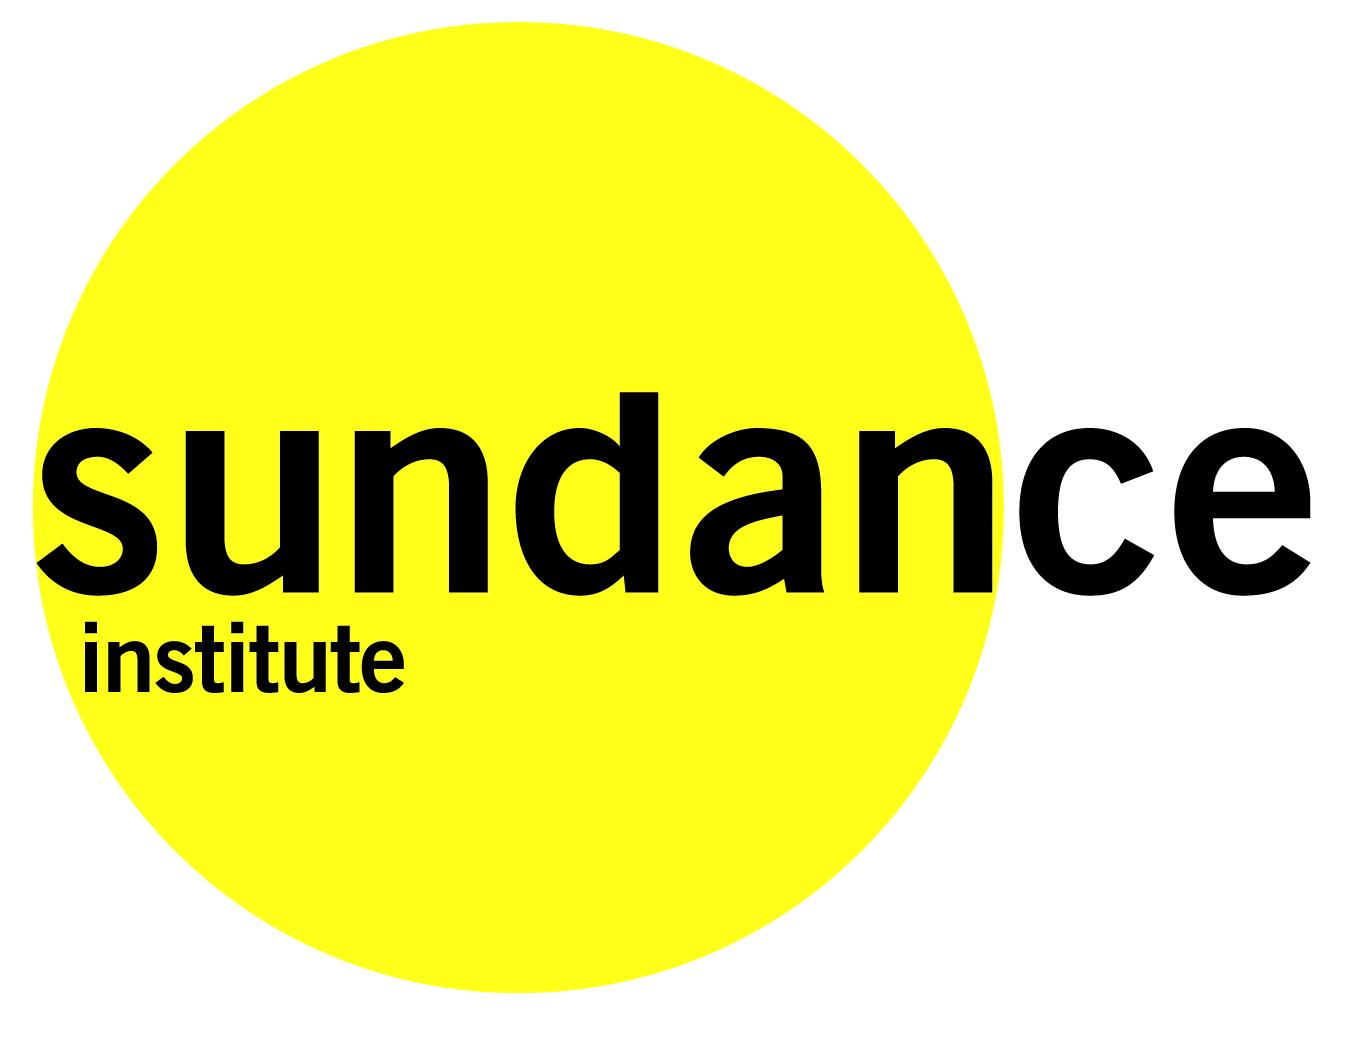 sundance_logo_yellow_CMYK-01.jpg